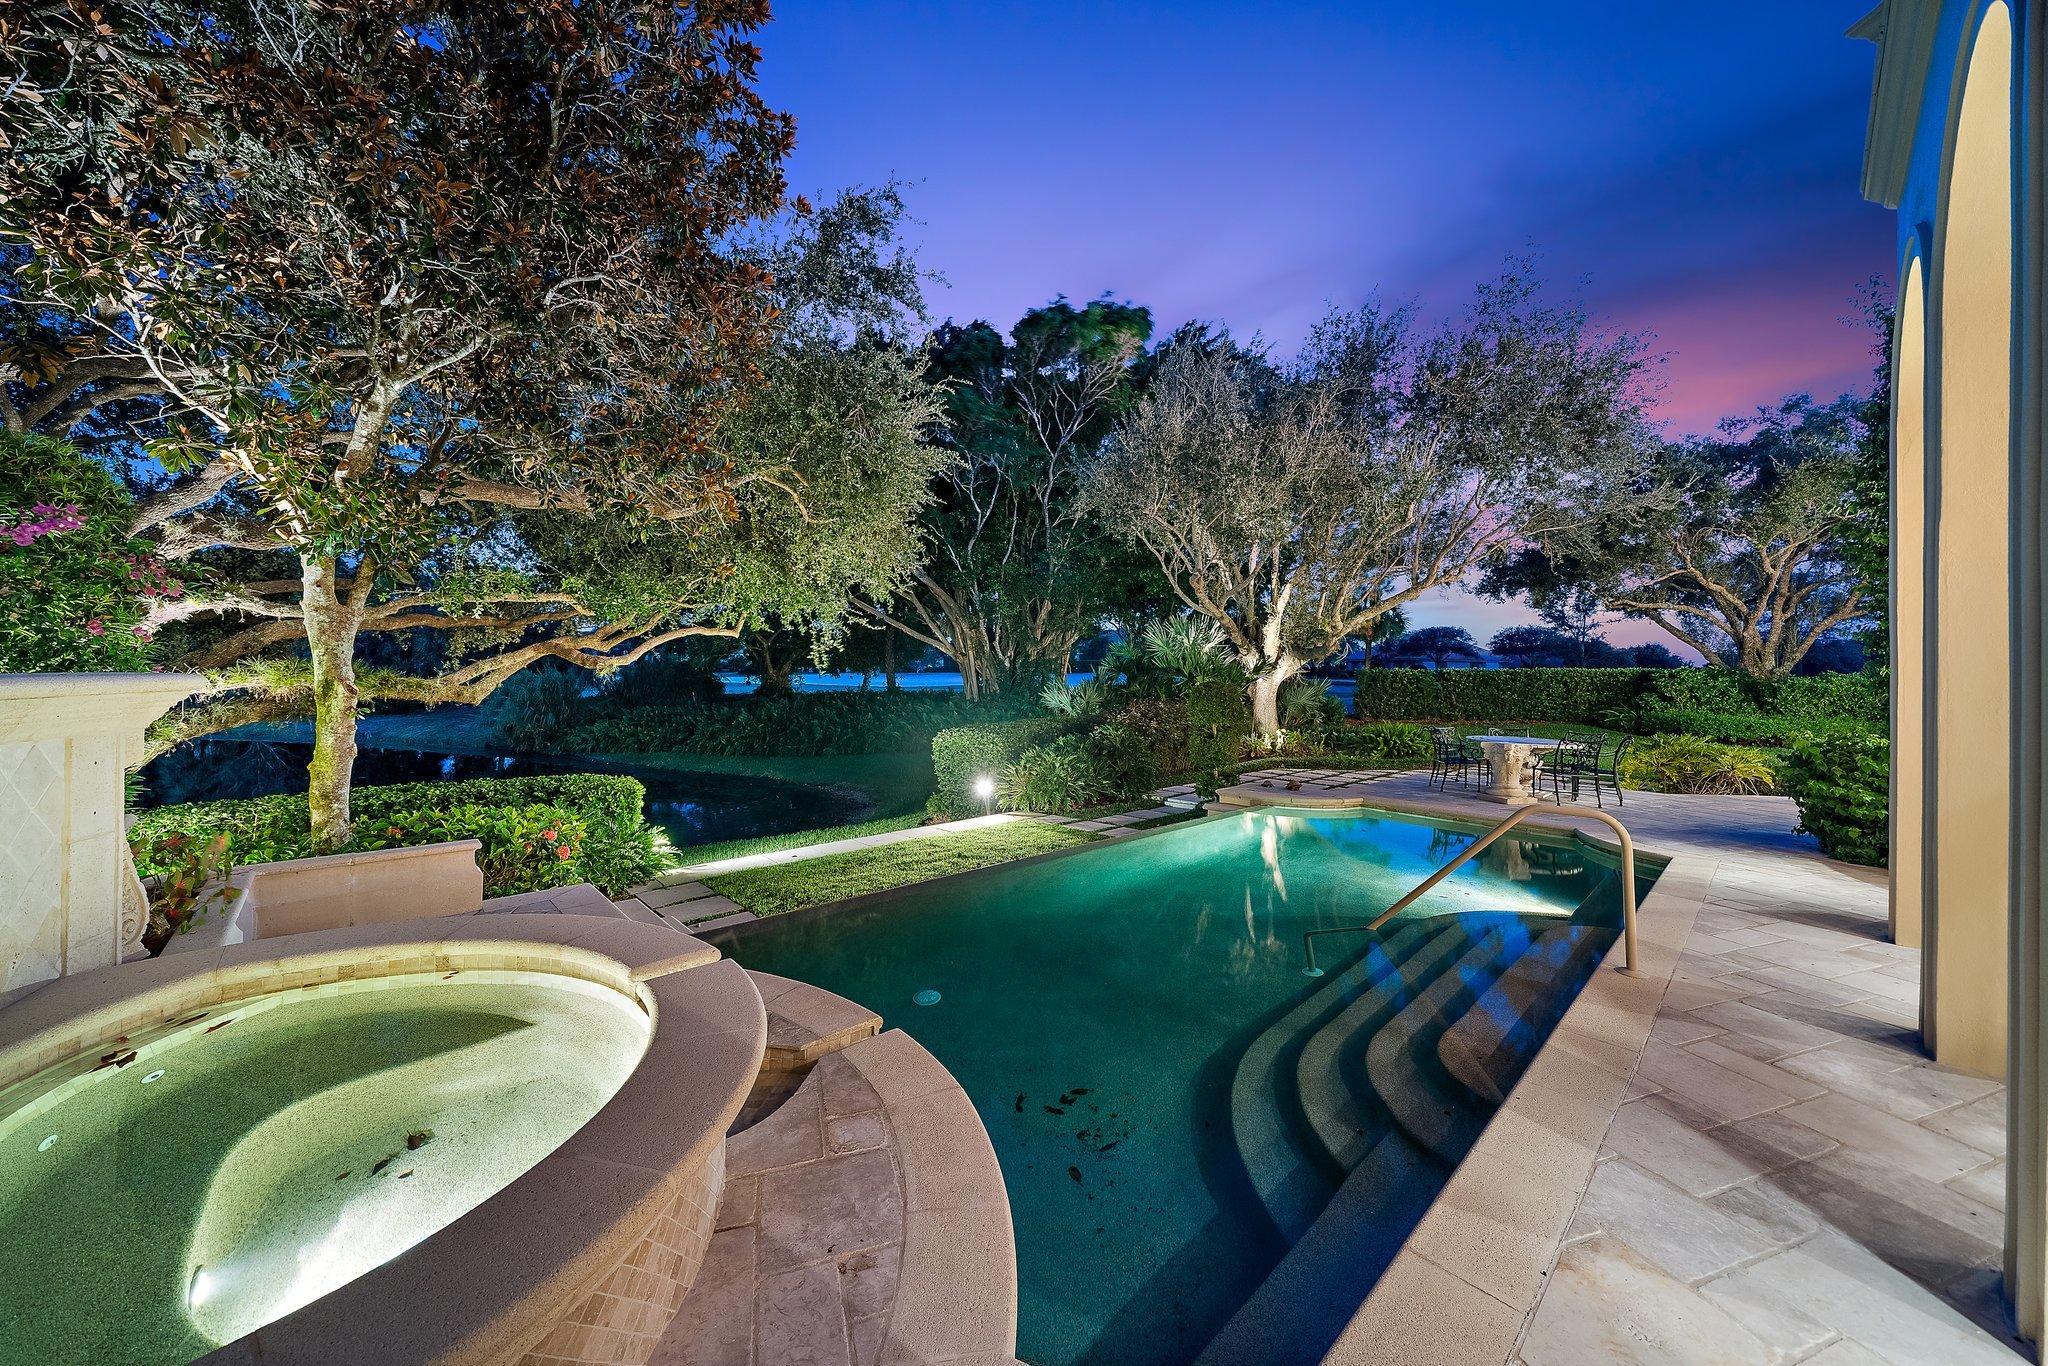 pool/spa at dusk